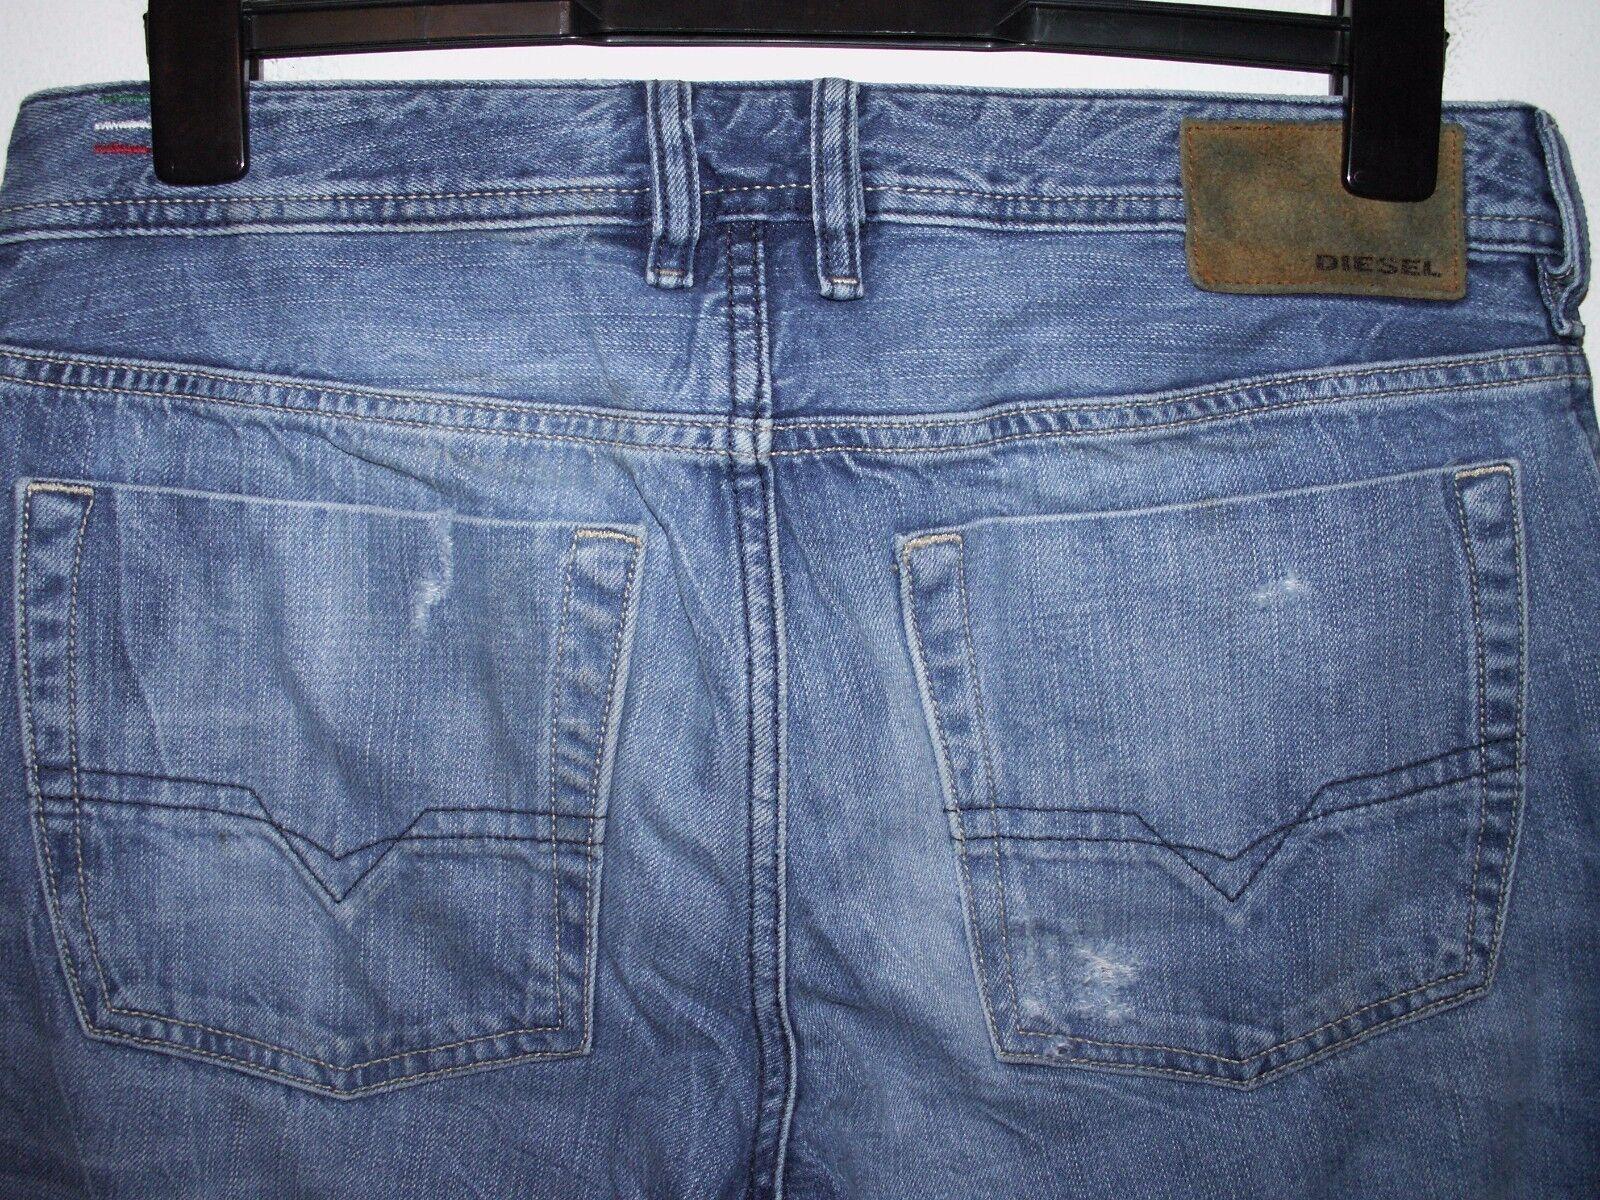 Diesel zatiny Stiefelcut jeans wash 008MY W32 L30 (a3162)  | Neue Produkte im Jahr 2019  | Outlet Store Online  | Ideales Geschenk für alle Gelegenheiten